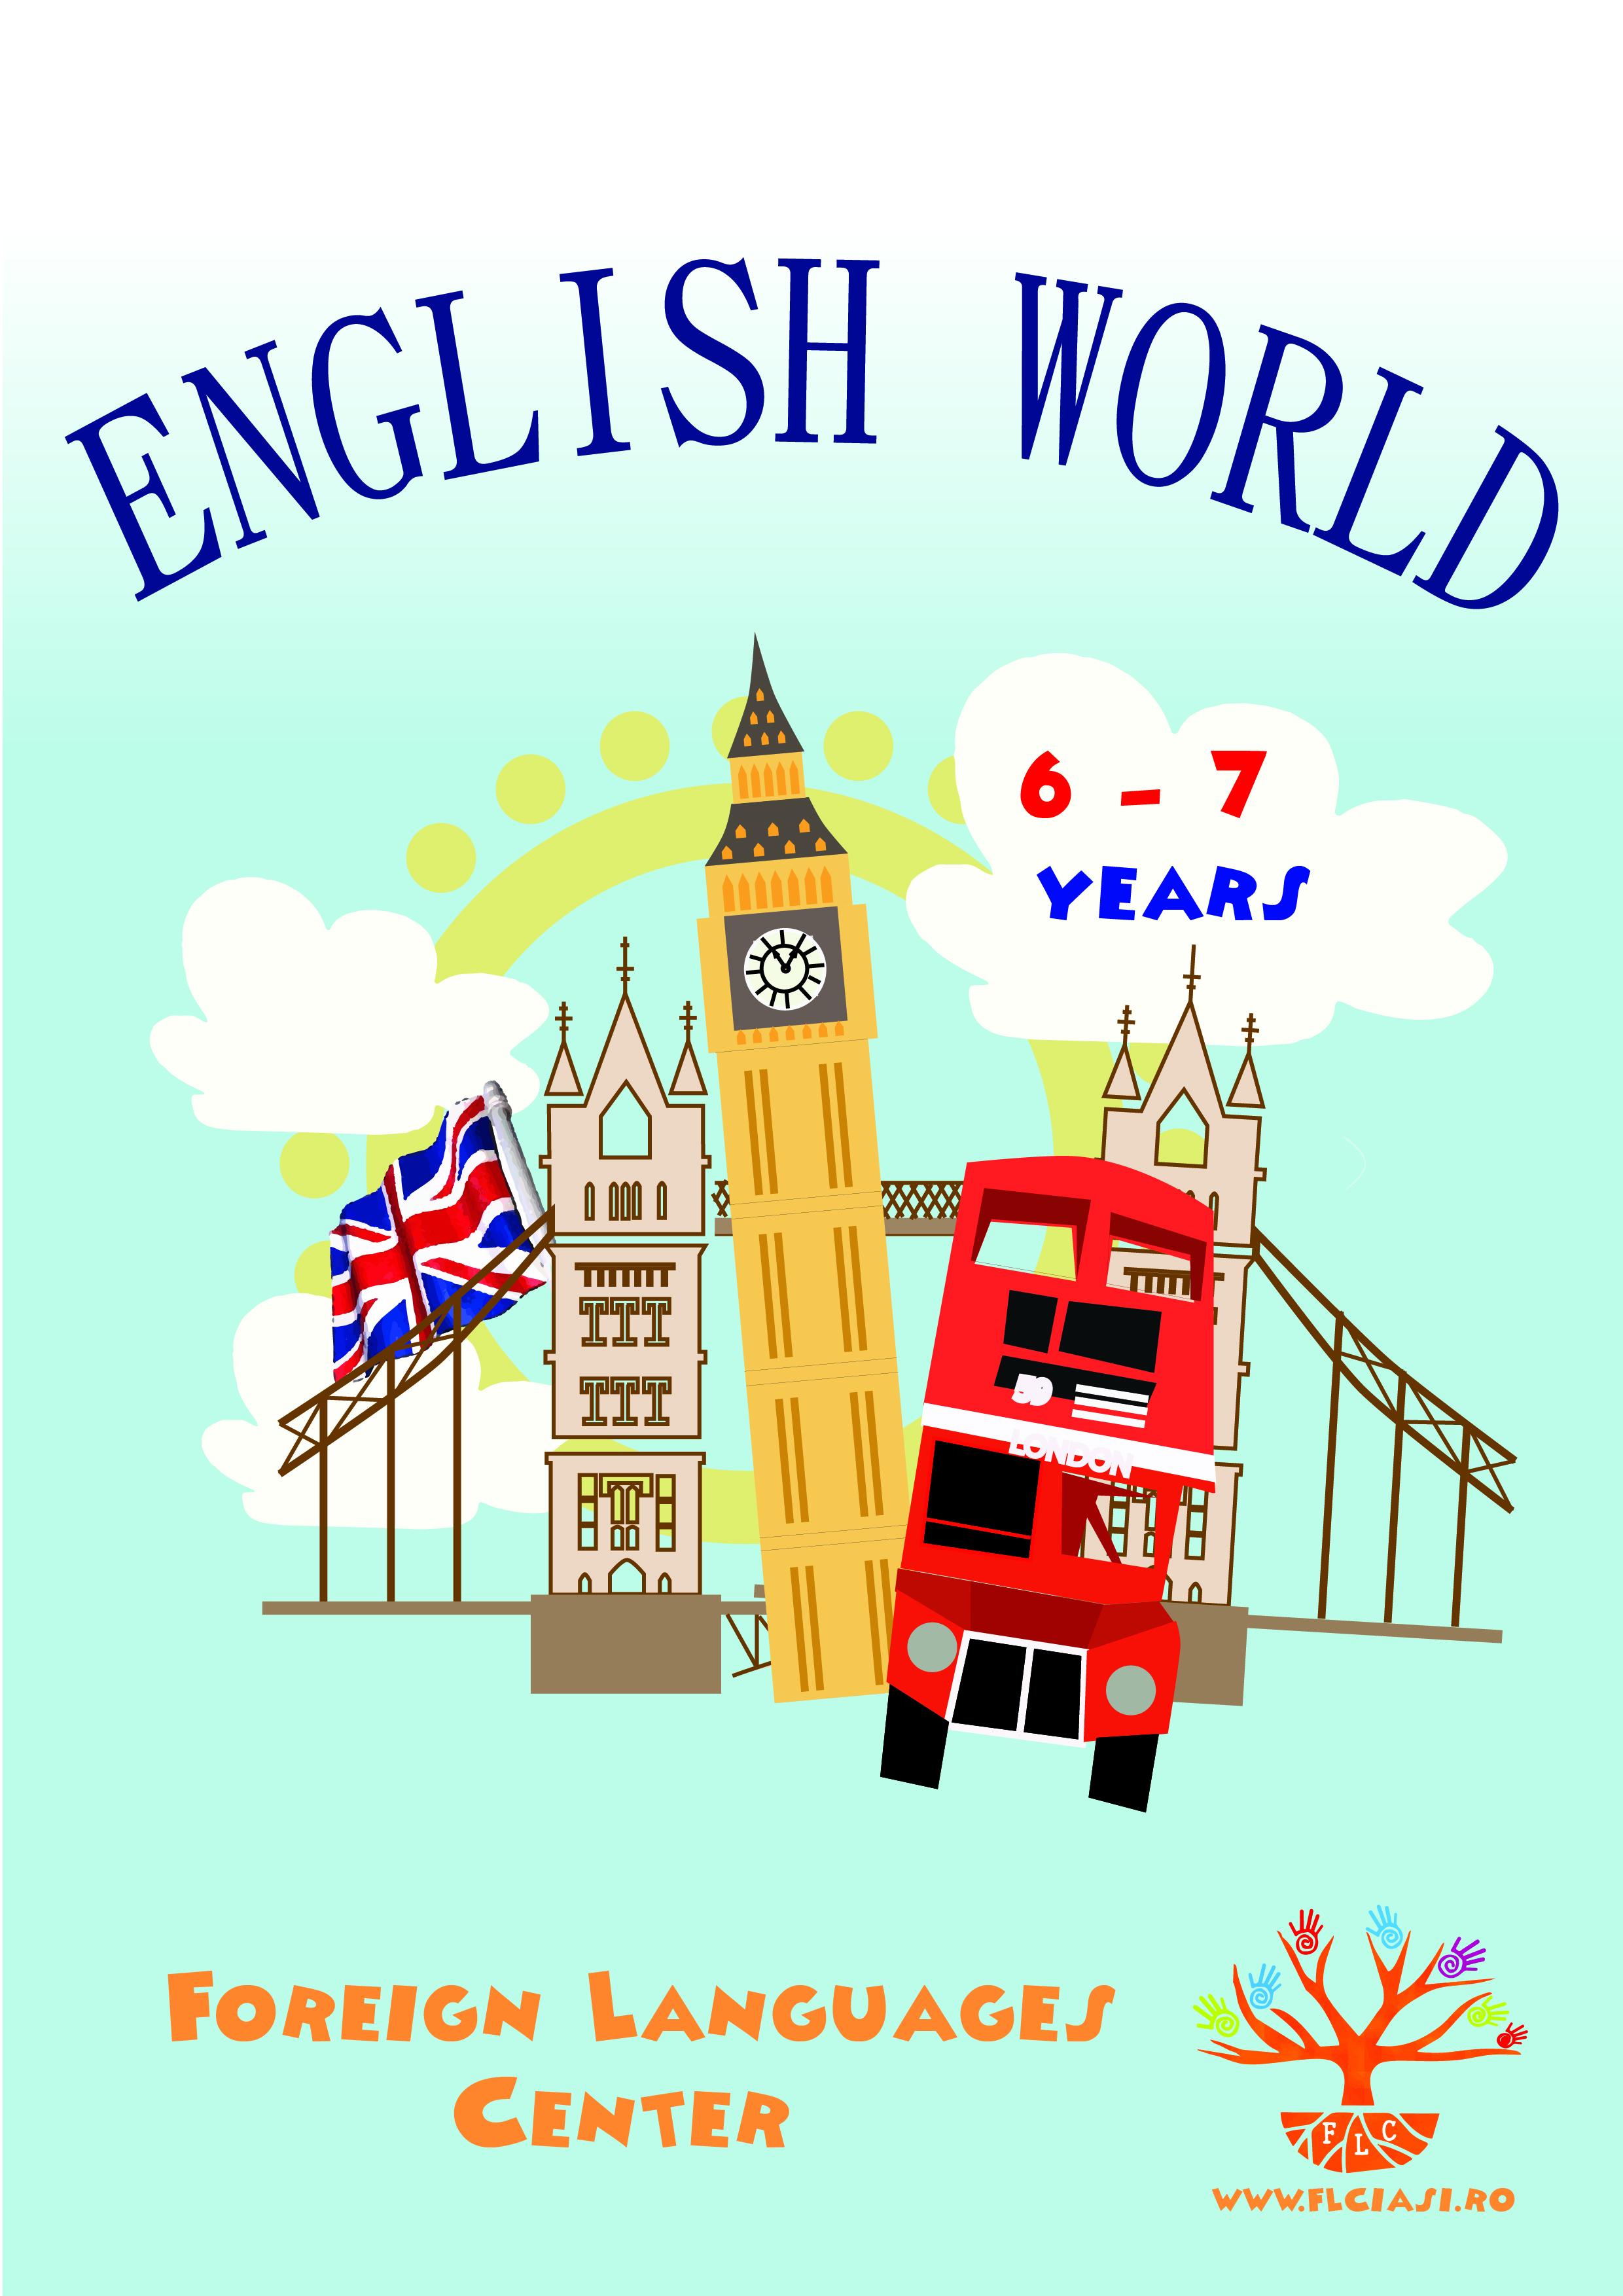 carte flc, carte engleza copii, carte engleza flc, carte predare limba engleza, limba engleza copii